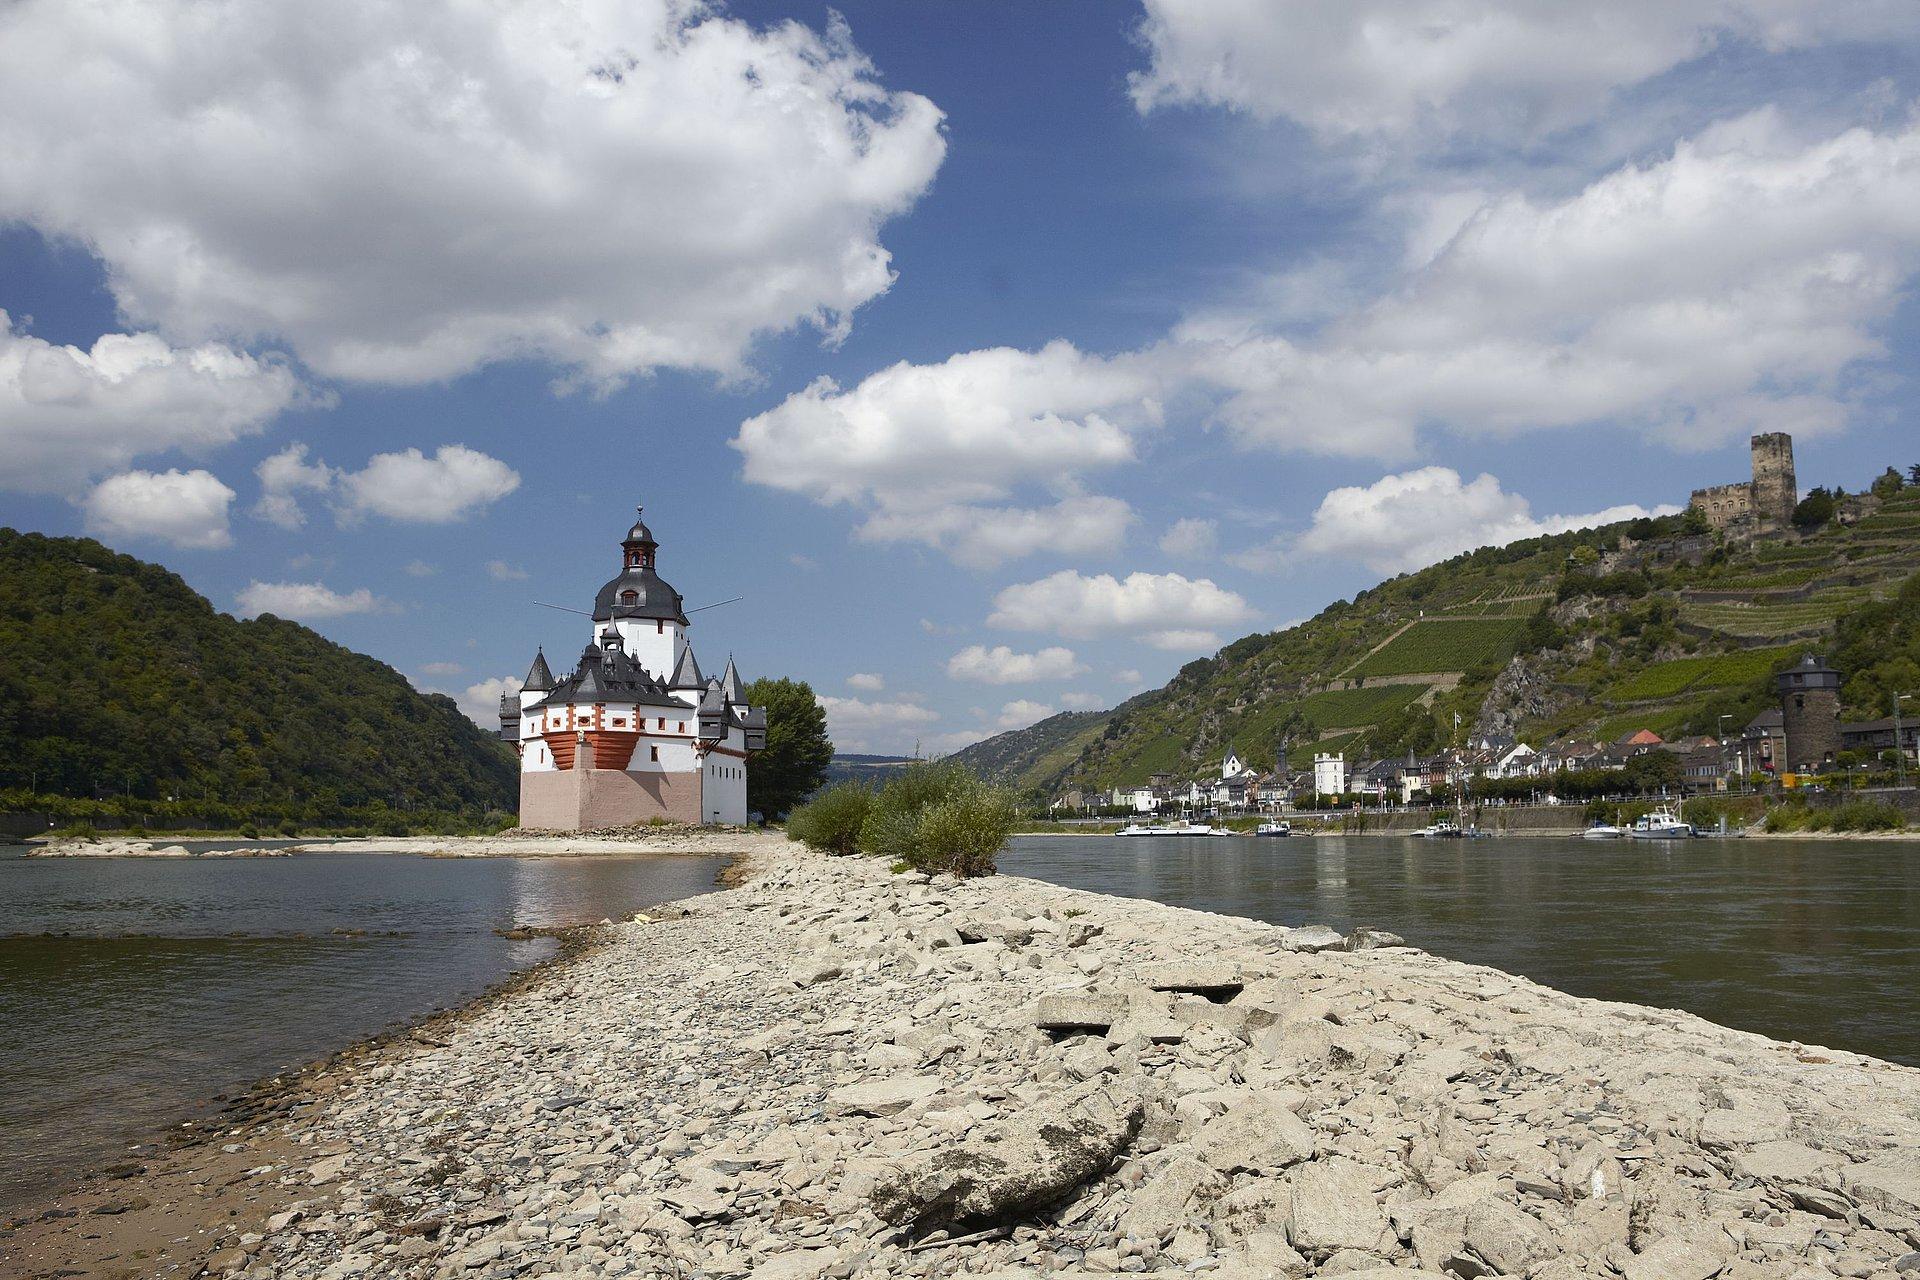 Burg Pfalzgrafenstein, Romantischer Rhein